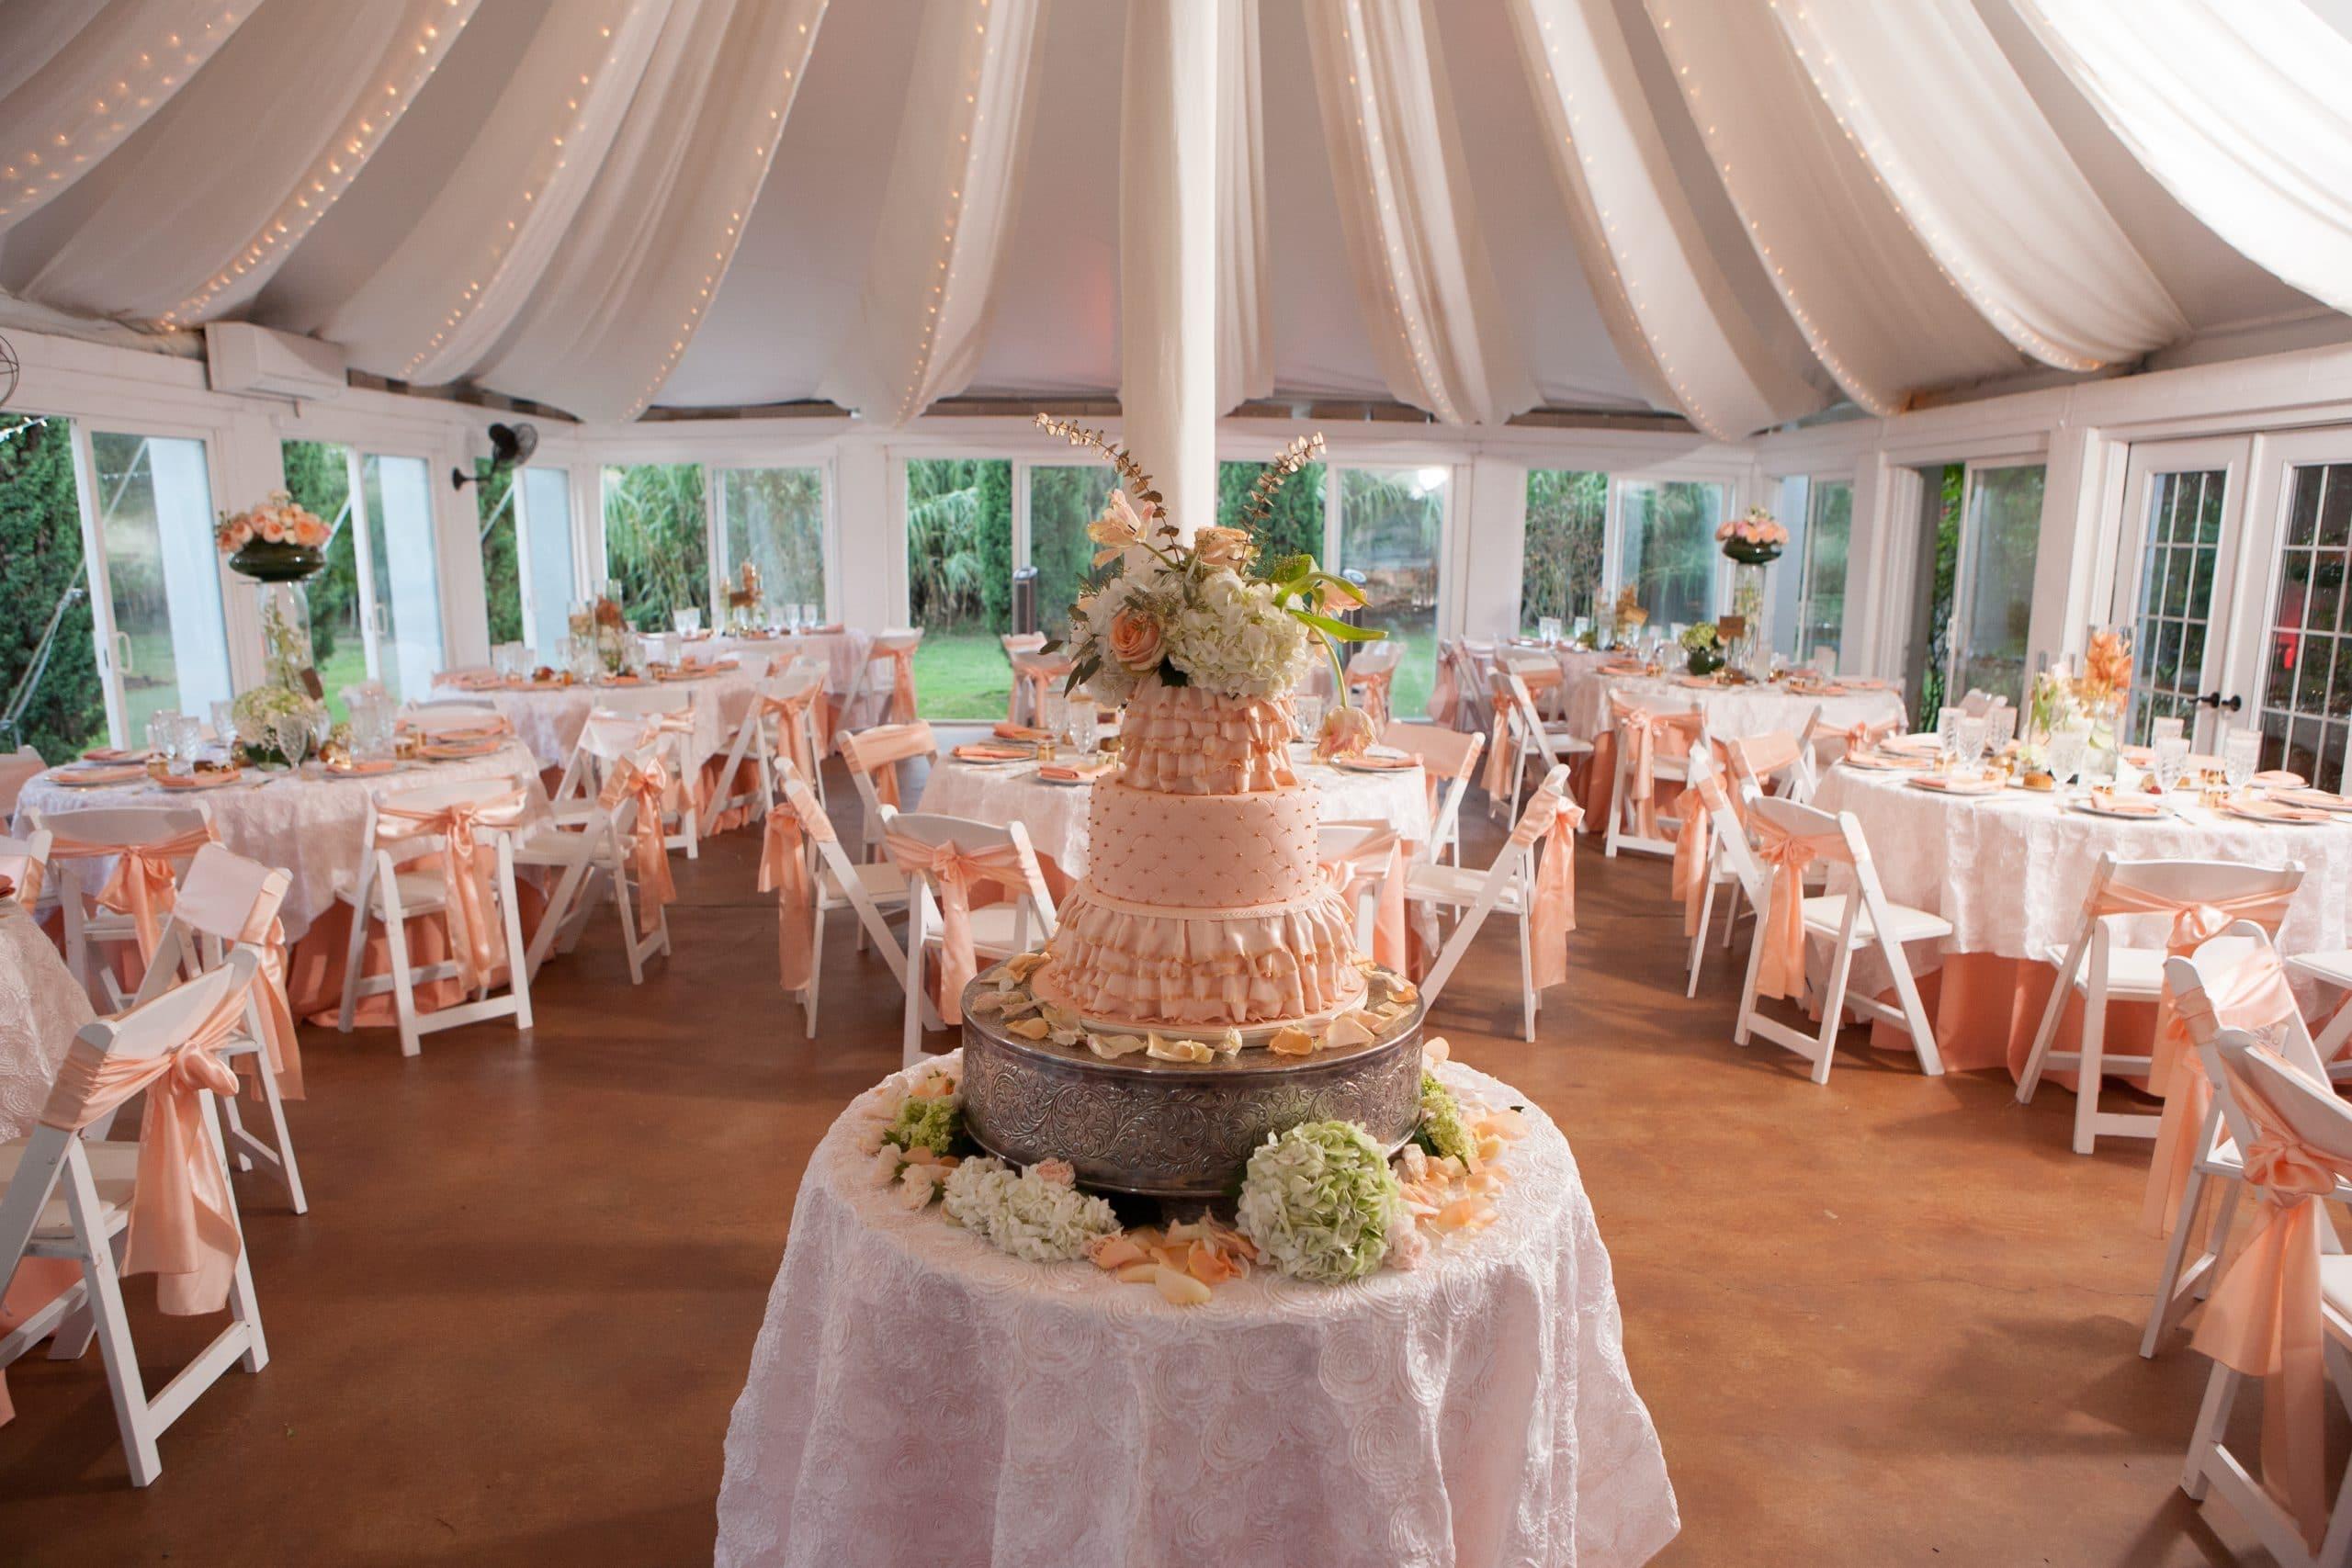 White And Cream Wedding Theme | Wedding Ideas